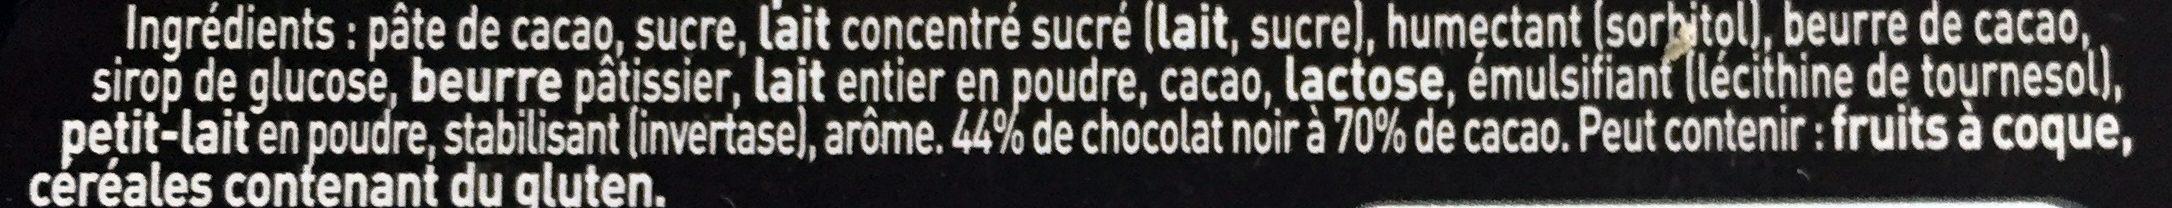 Truffes - Ingrédients